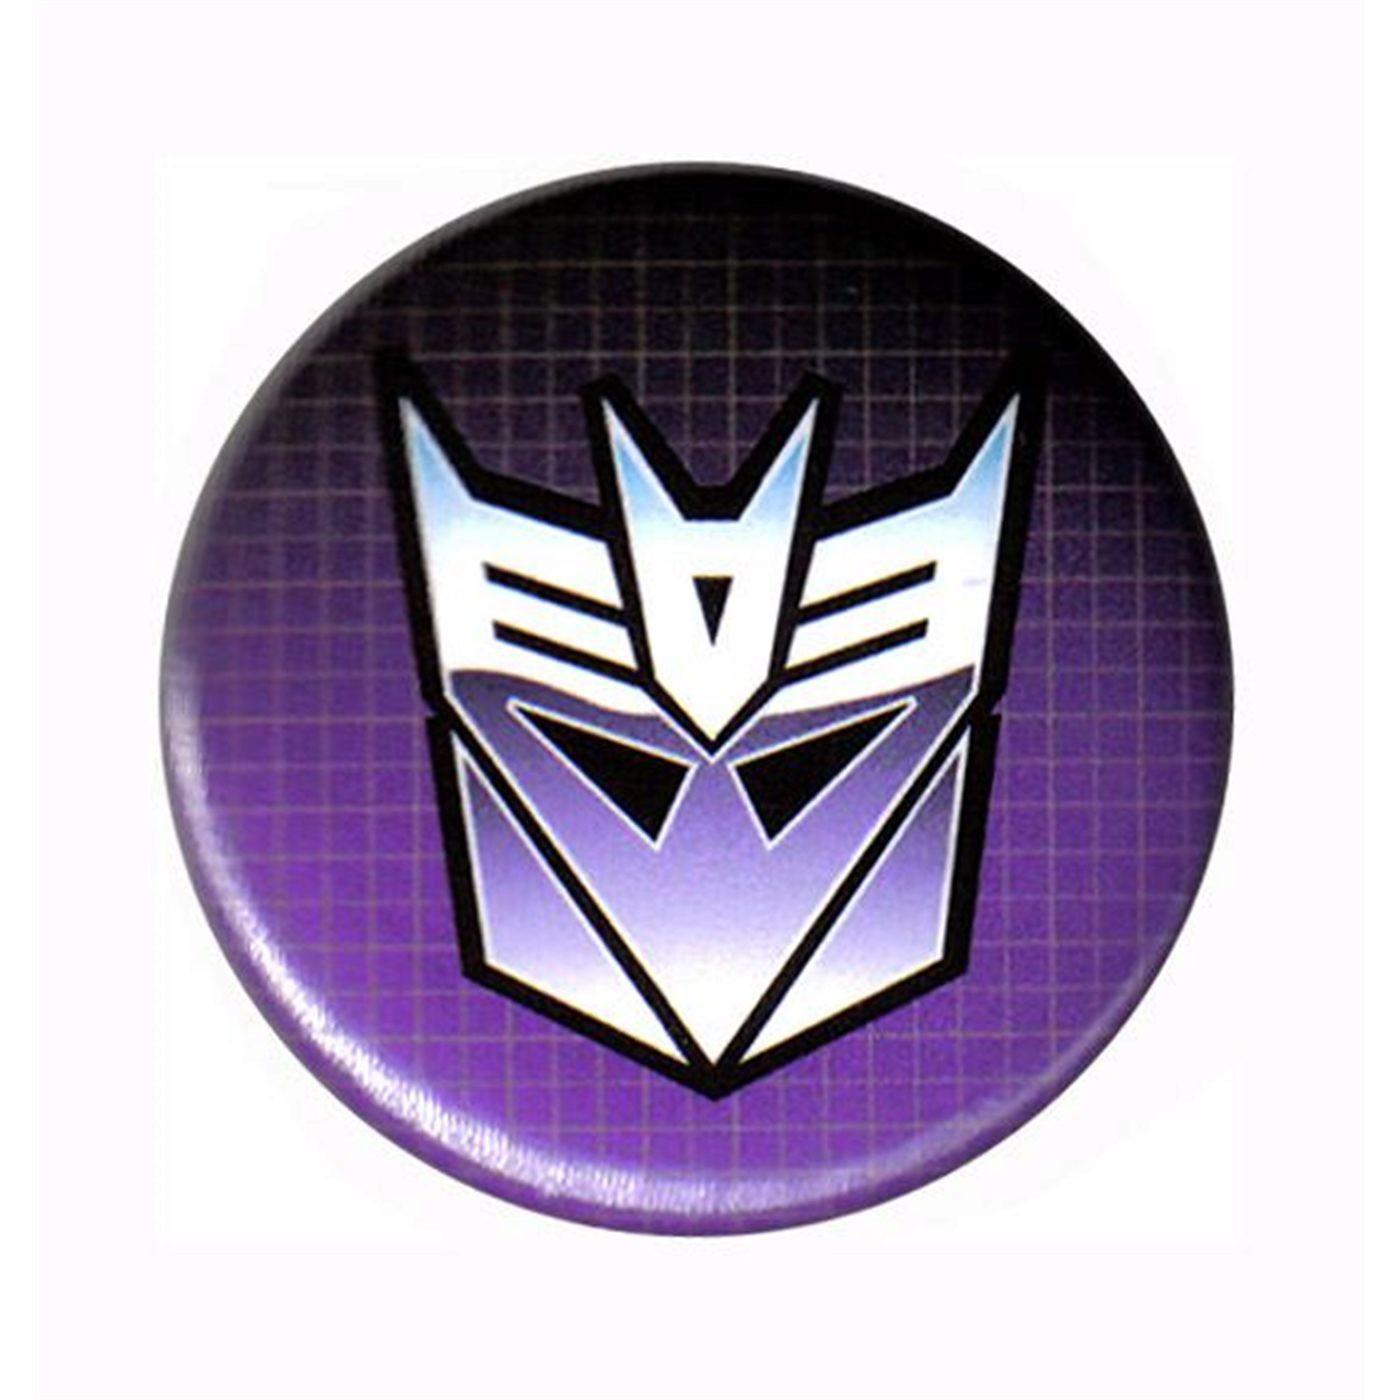 Transformers Decepticon Classic Symbol Button